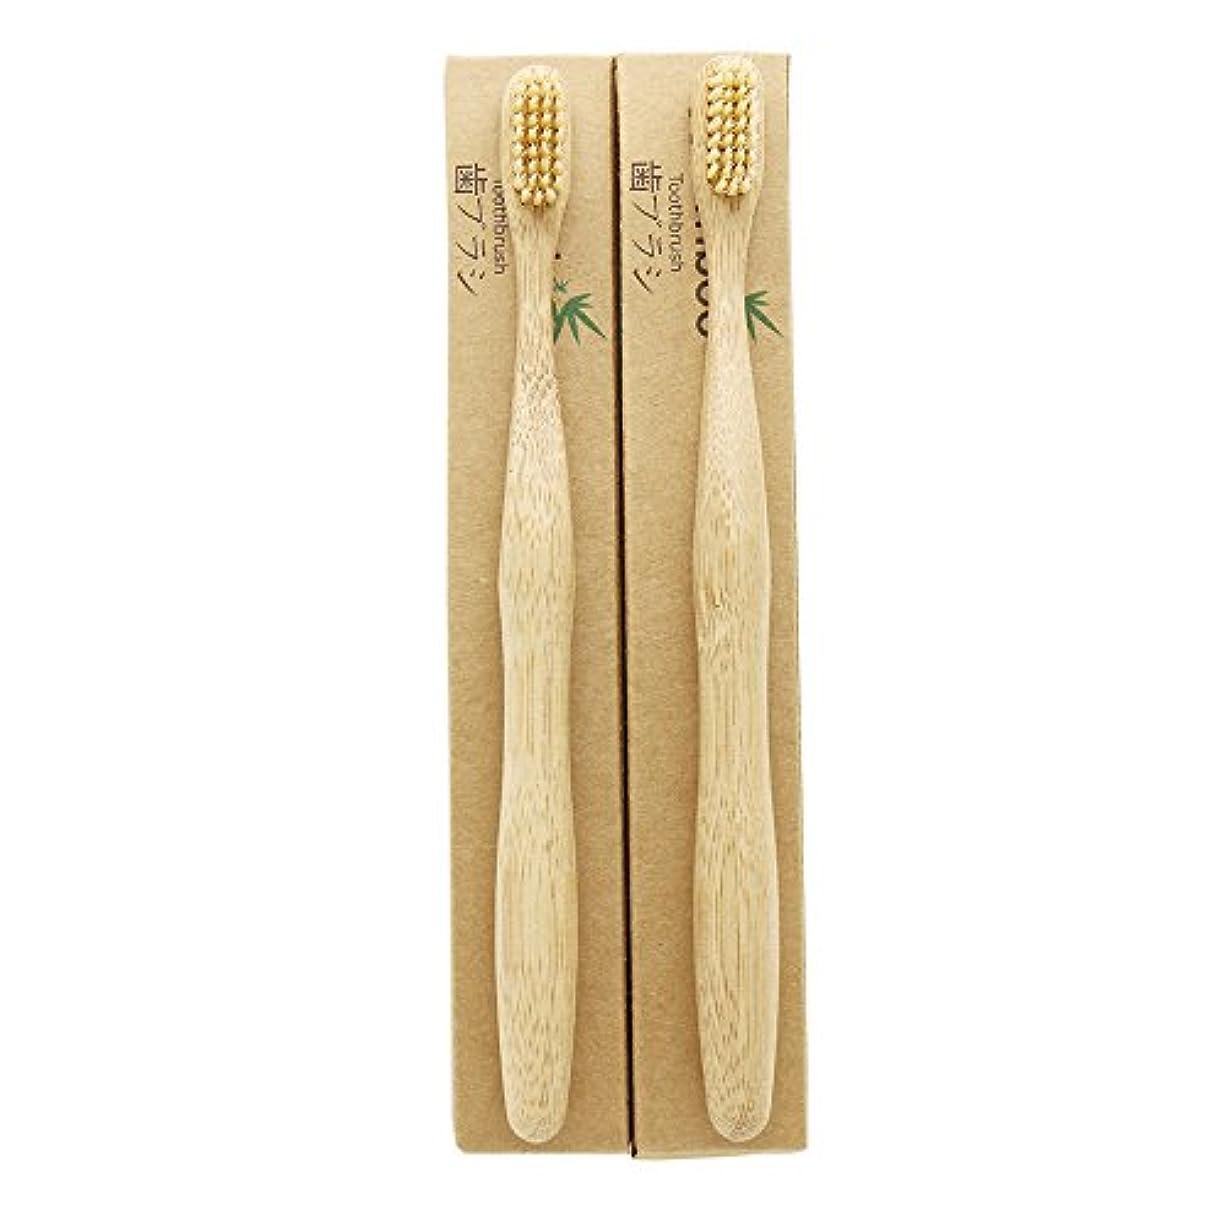 にんじんマート魔術N-amboo 竹製耐久度高い 歯ブラシ ハンドル大きい 2本入りセット ベージュ